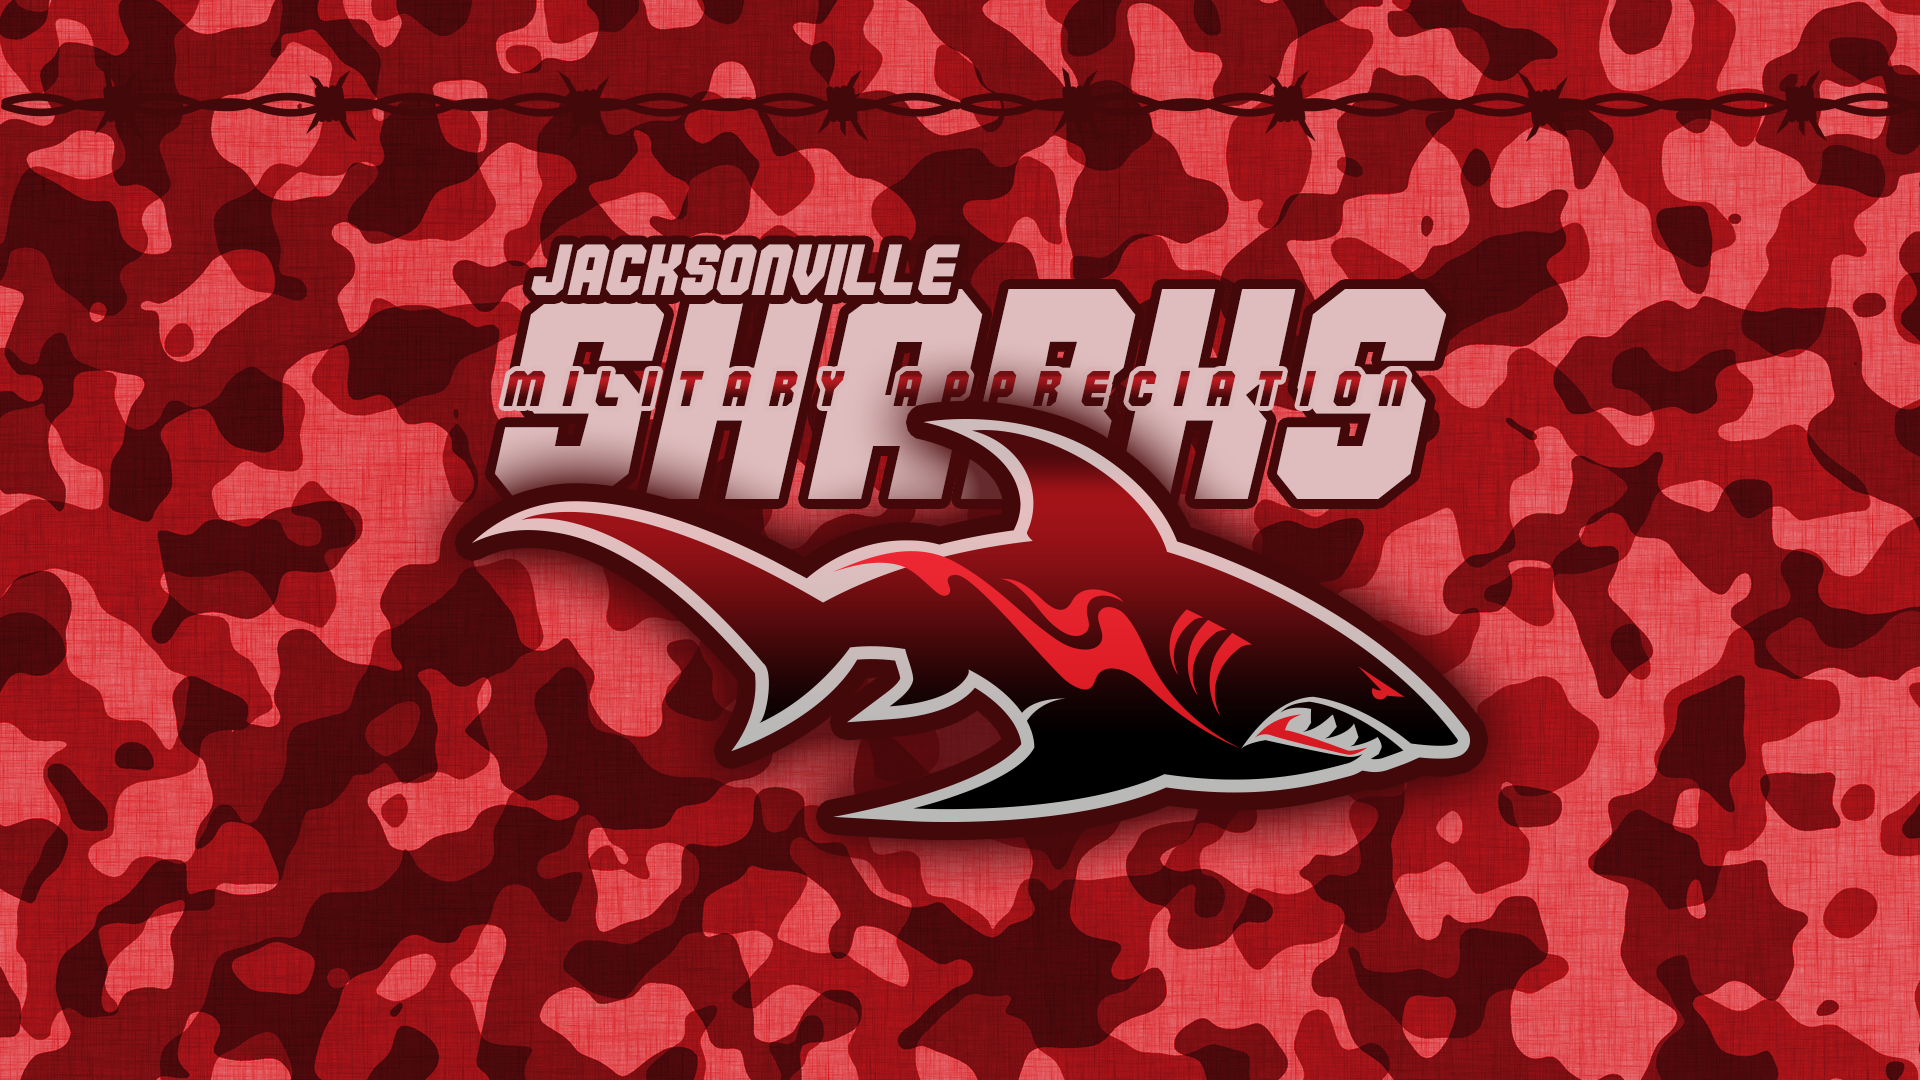 jacksonville sharks: wallpaper